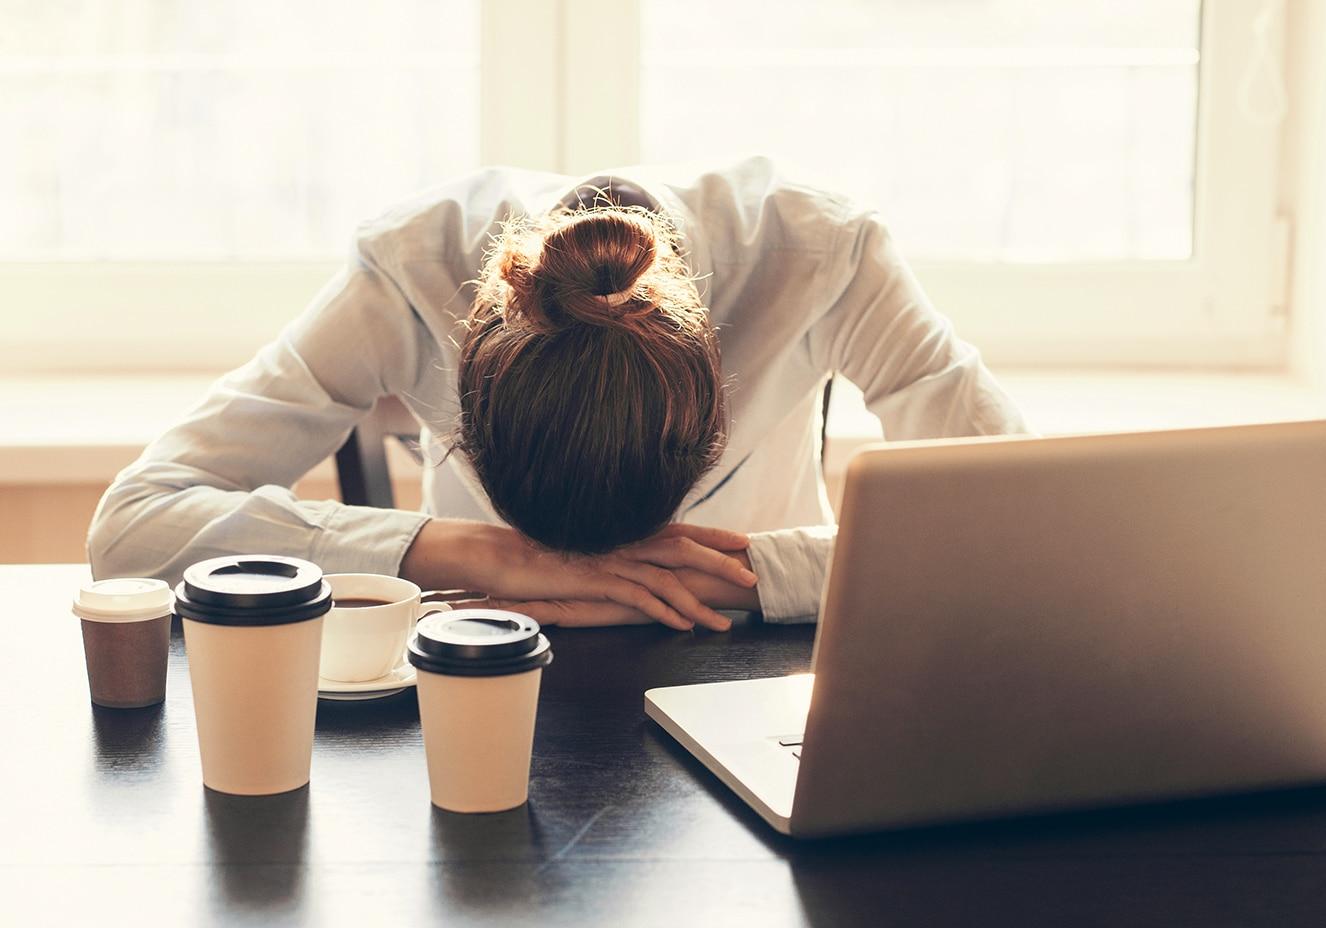 - mulher com sono no trabalho - ONU: Seis mulheres são vítimas de feminicídio a cada hora